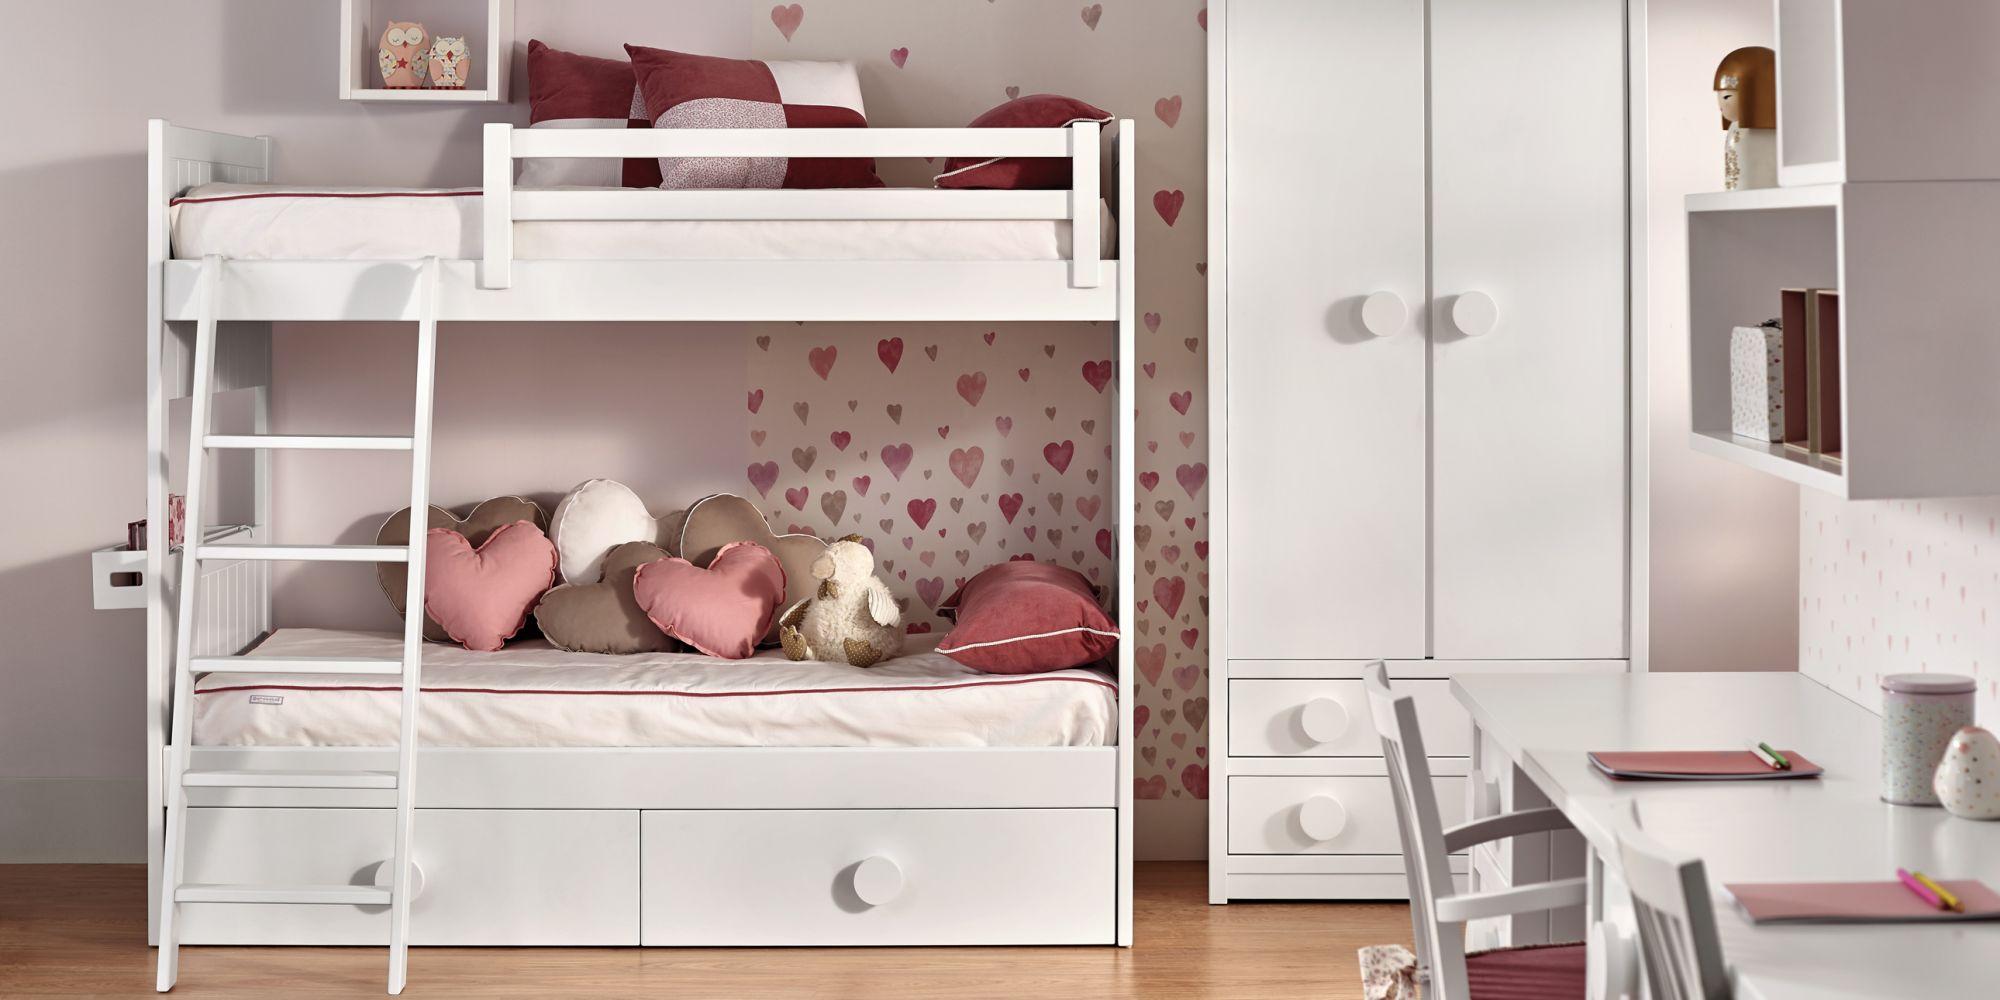 Litera con armario ideal para dormitorio infantil | Mueble Infantil